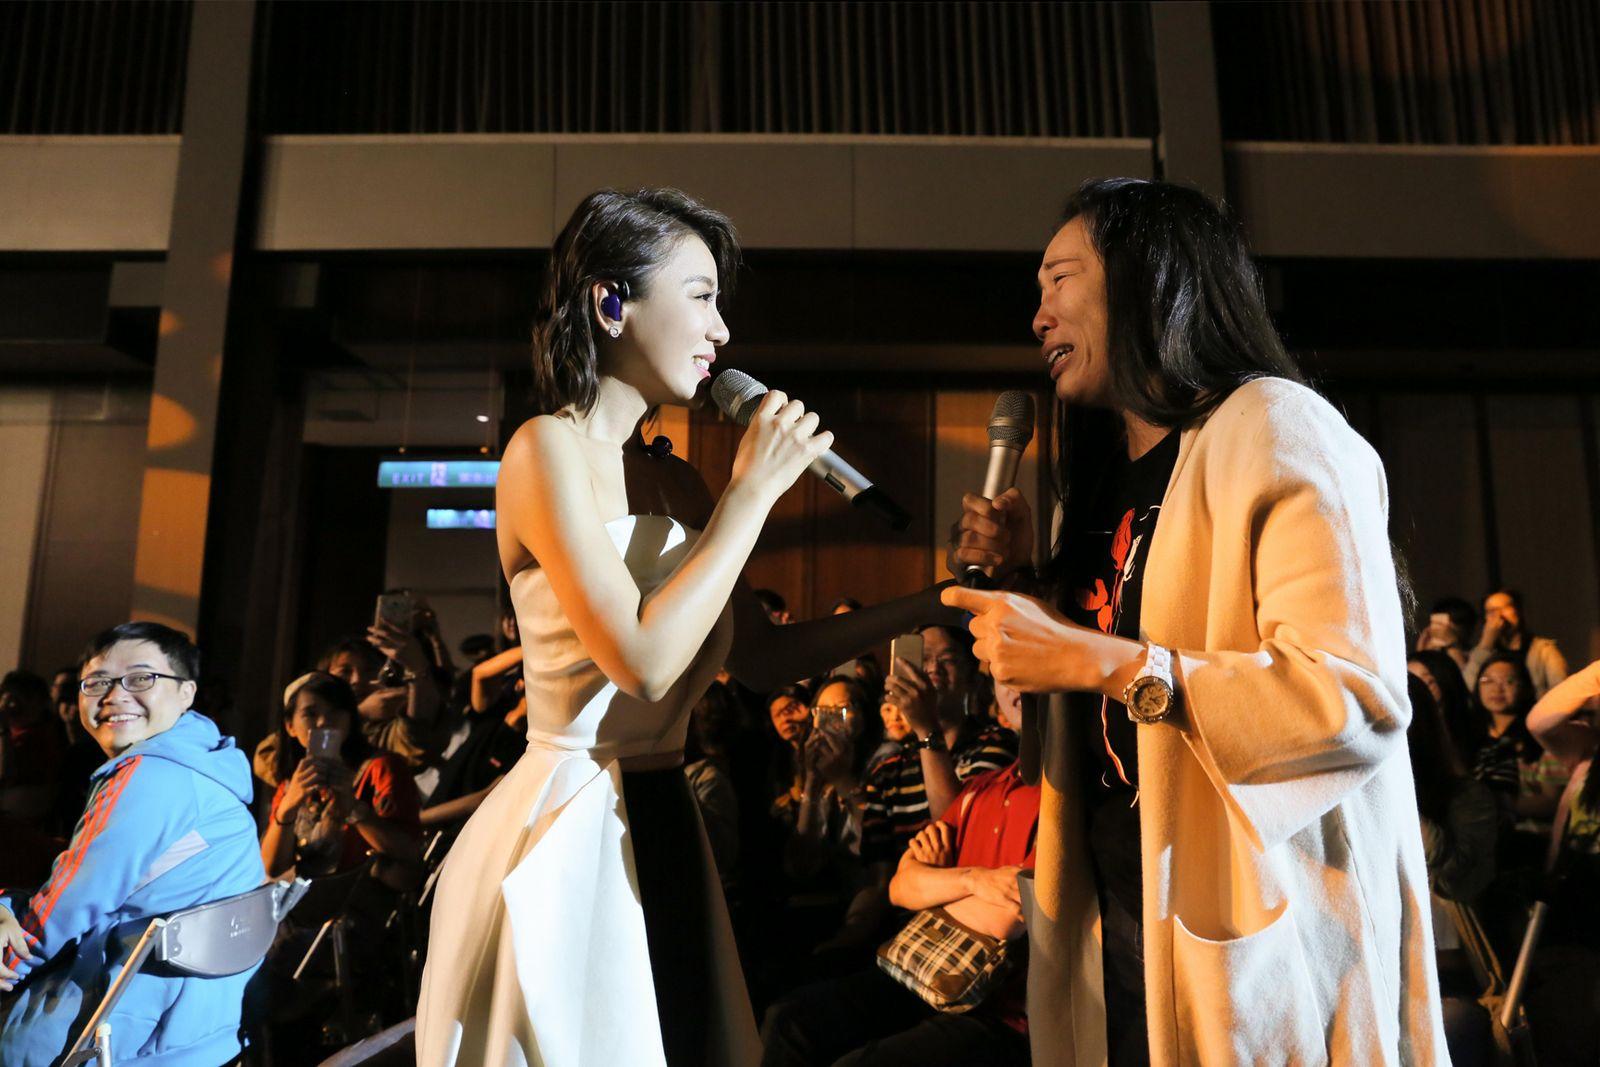 丁噹高雄演唱會飆唱臺語歌 要追求者「好膽你就來」 - WoWoNews